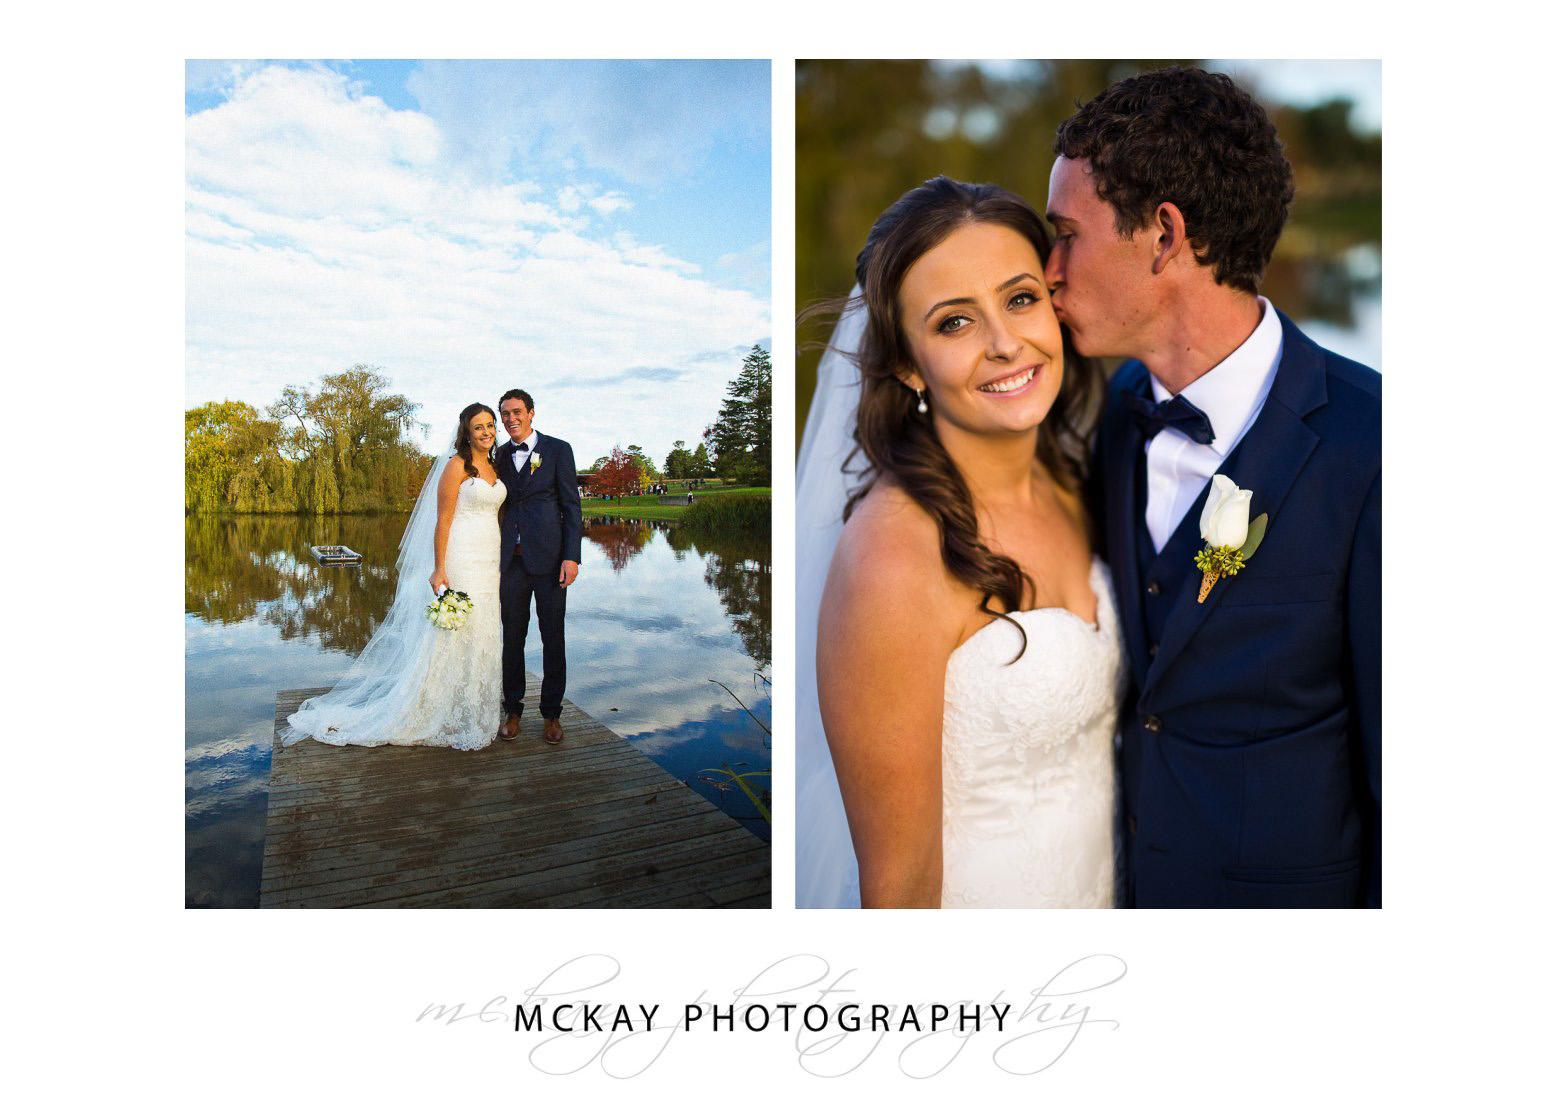 Claire & Michael photos